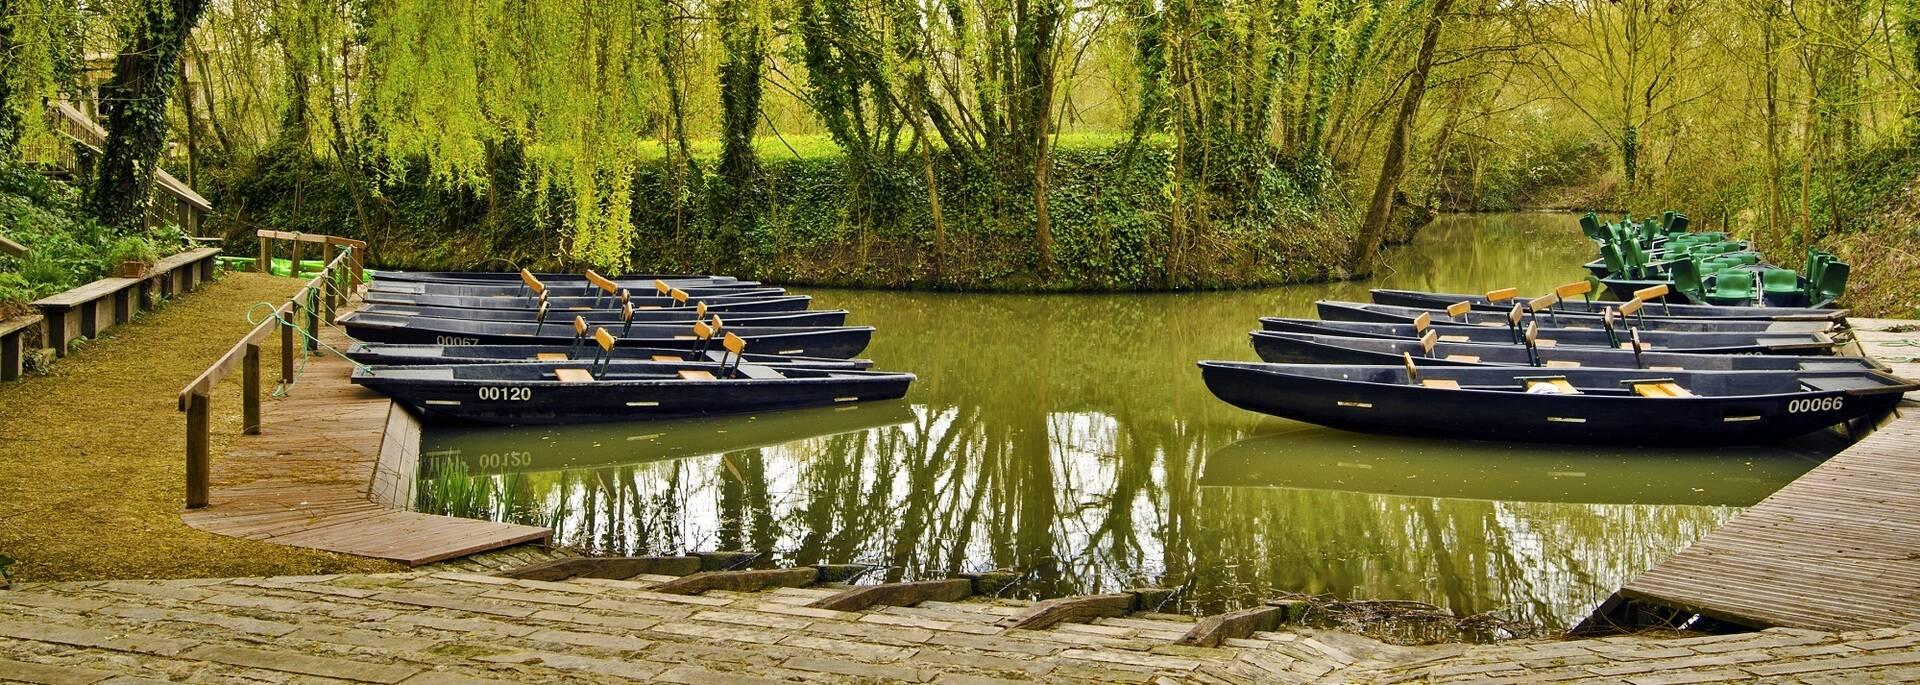 Barques dans le Marais Poitevin - ©Shutterstock